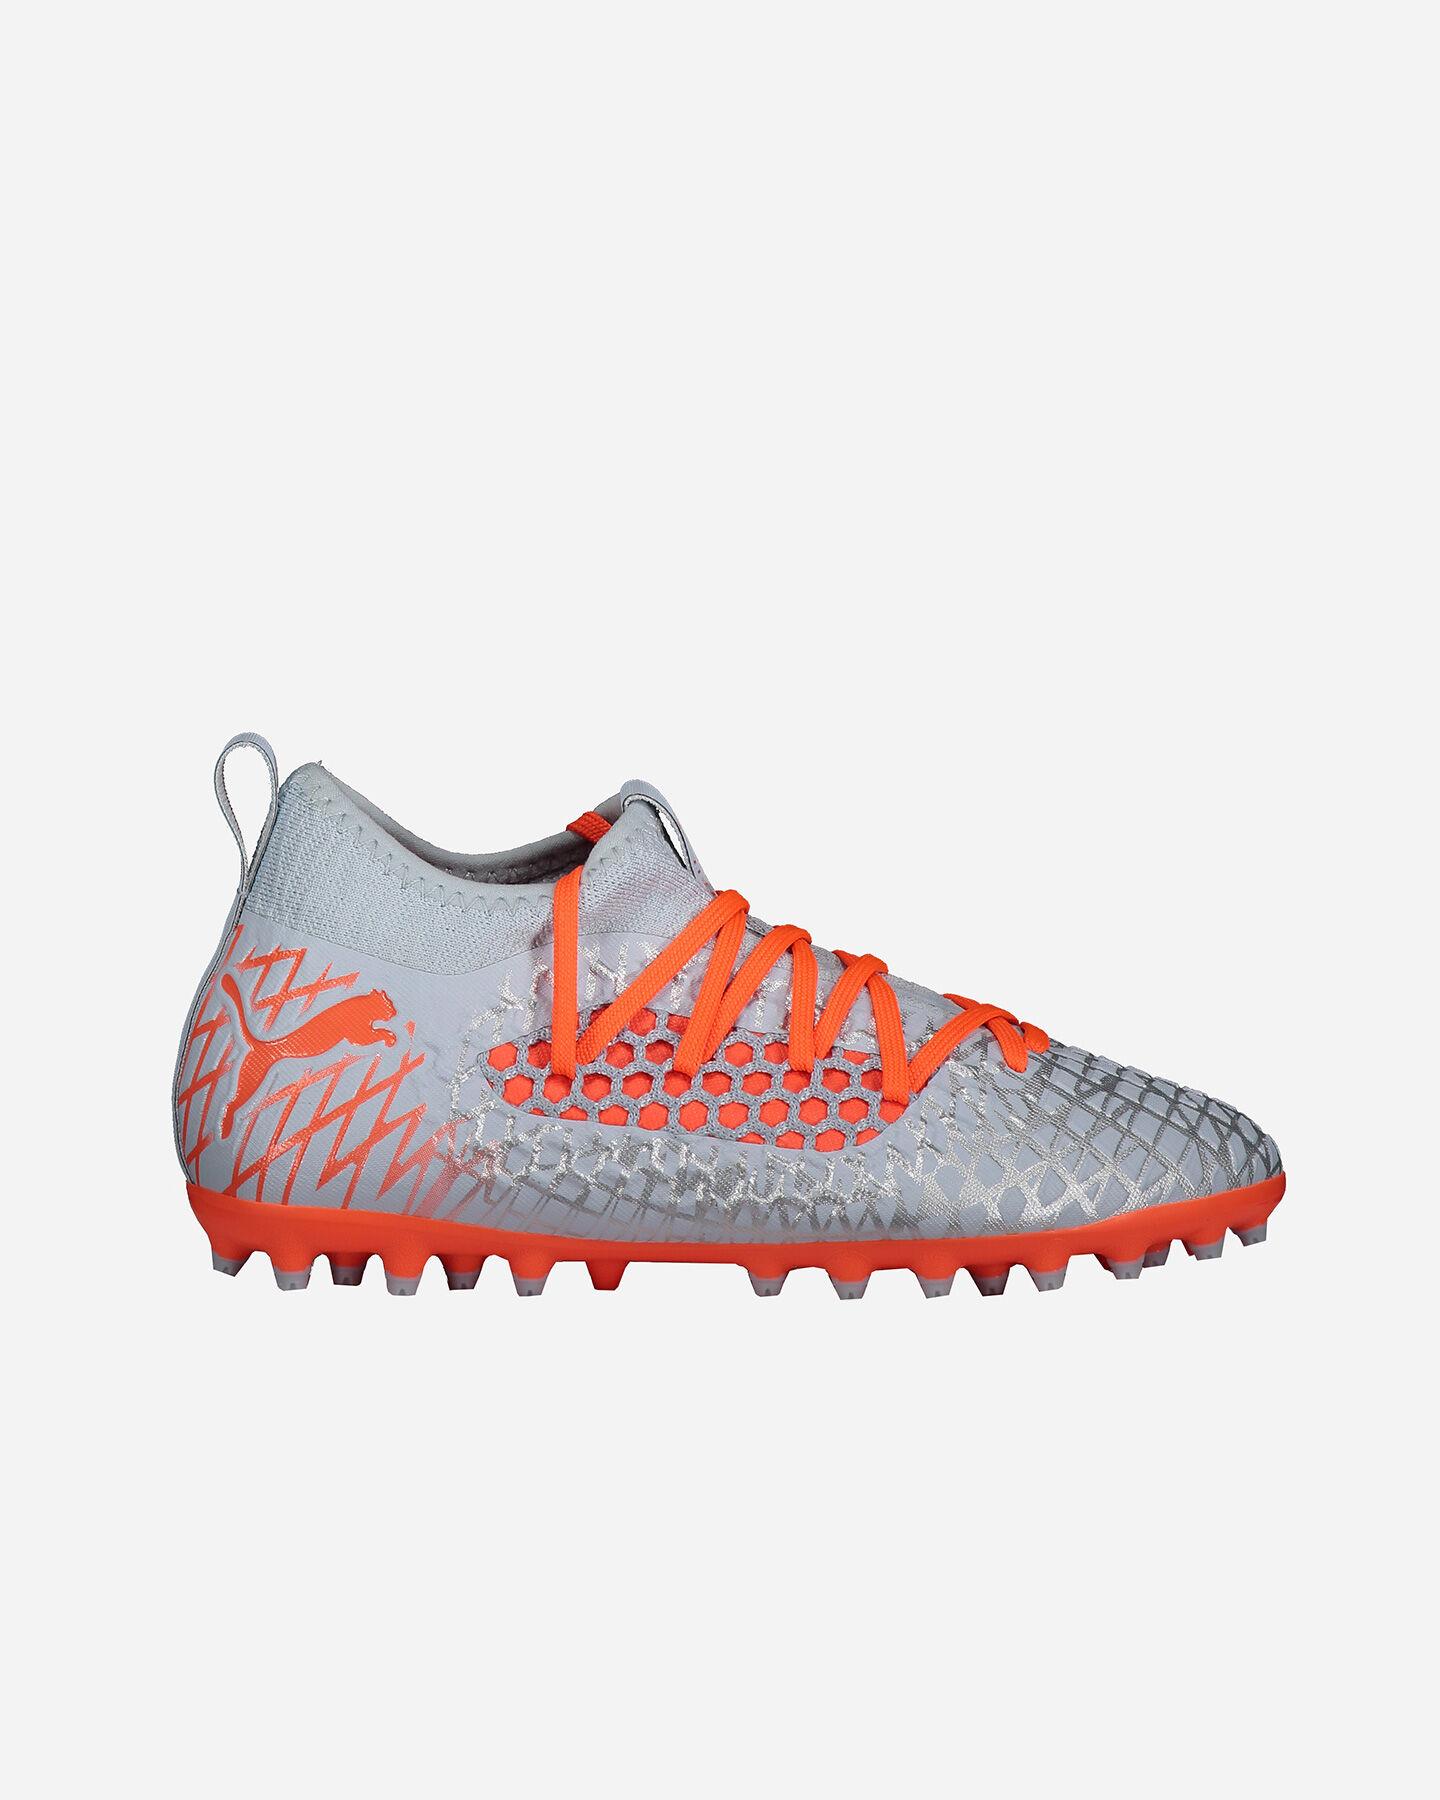 puma nuovi arrivi scarpe calcio